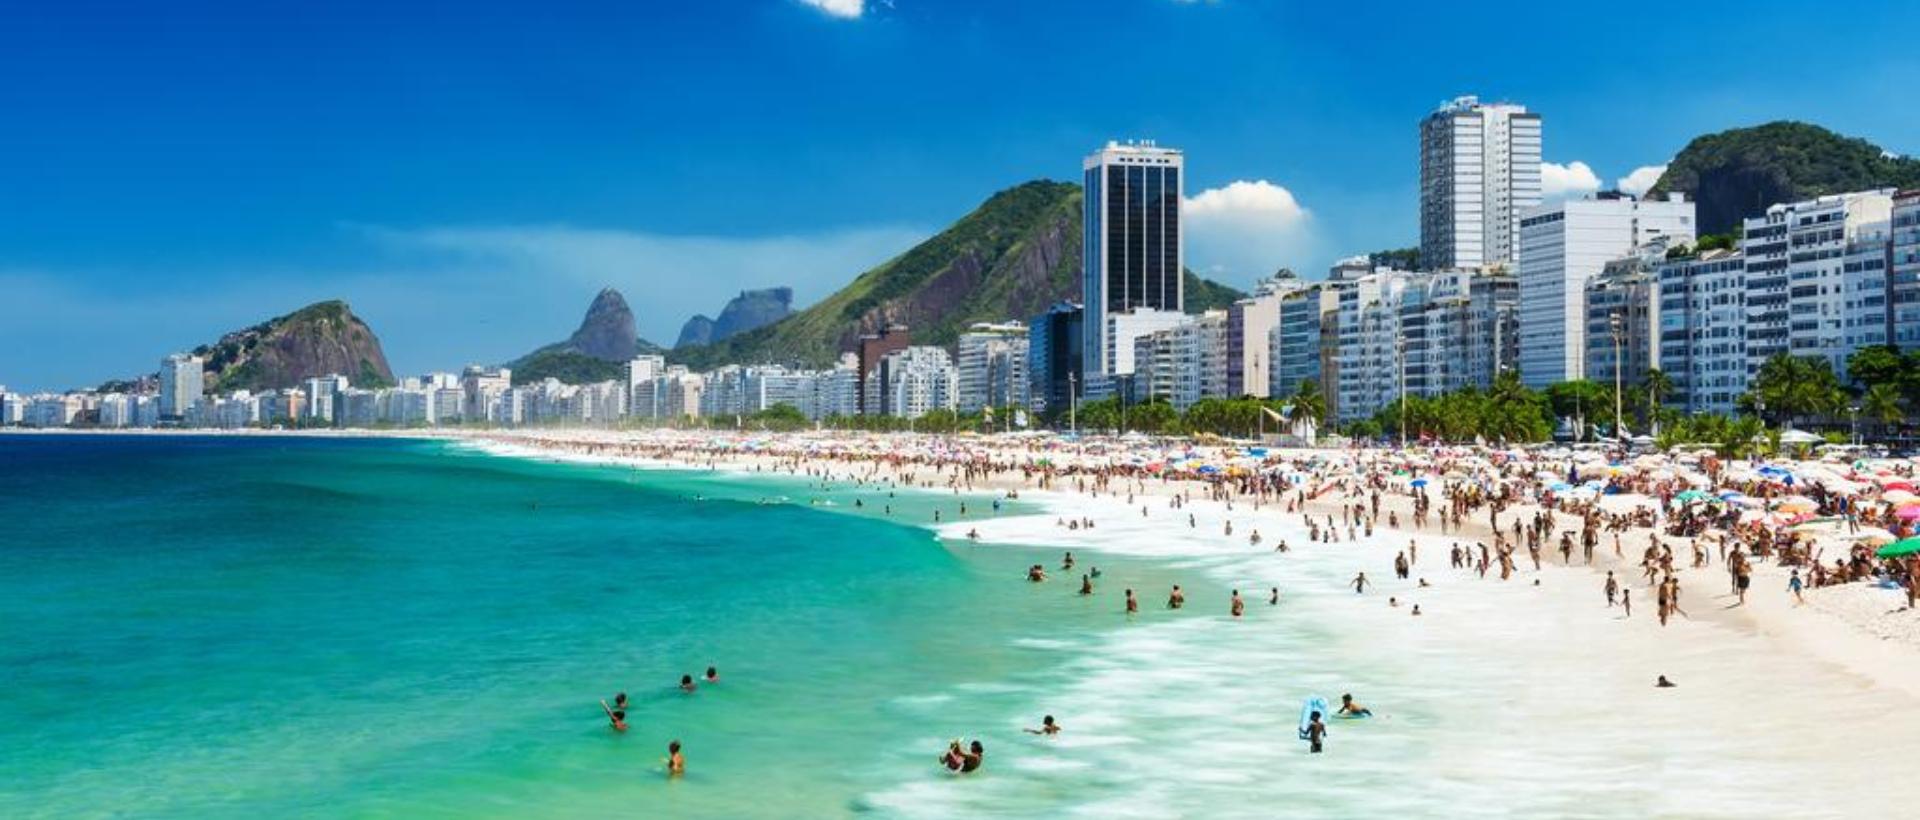 RIO DE JANEIRO & BUZIOS